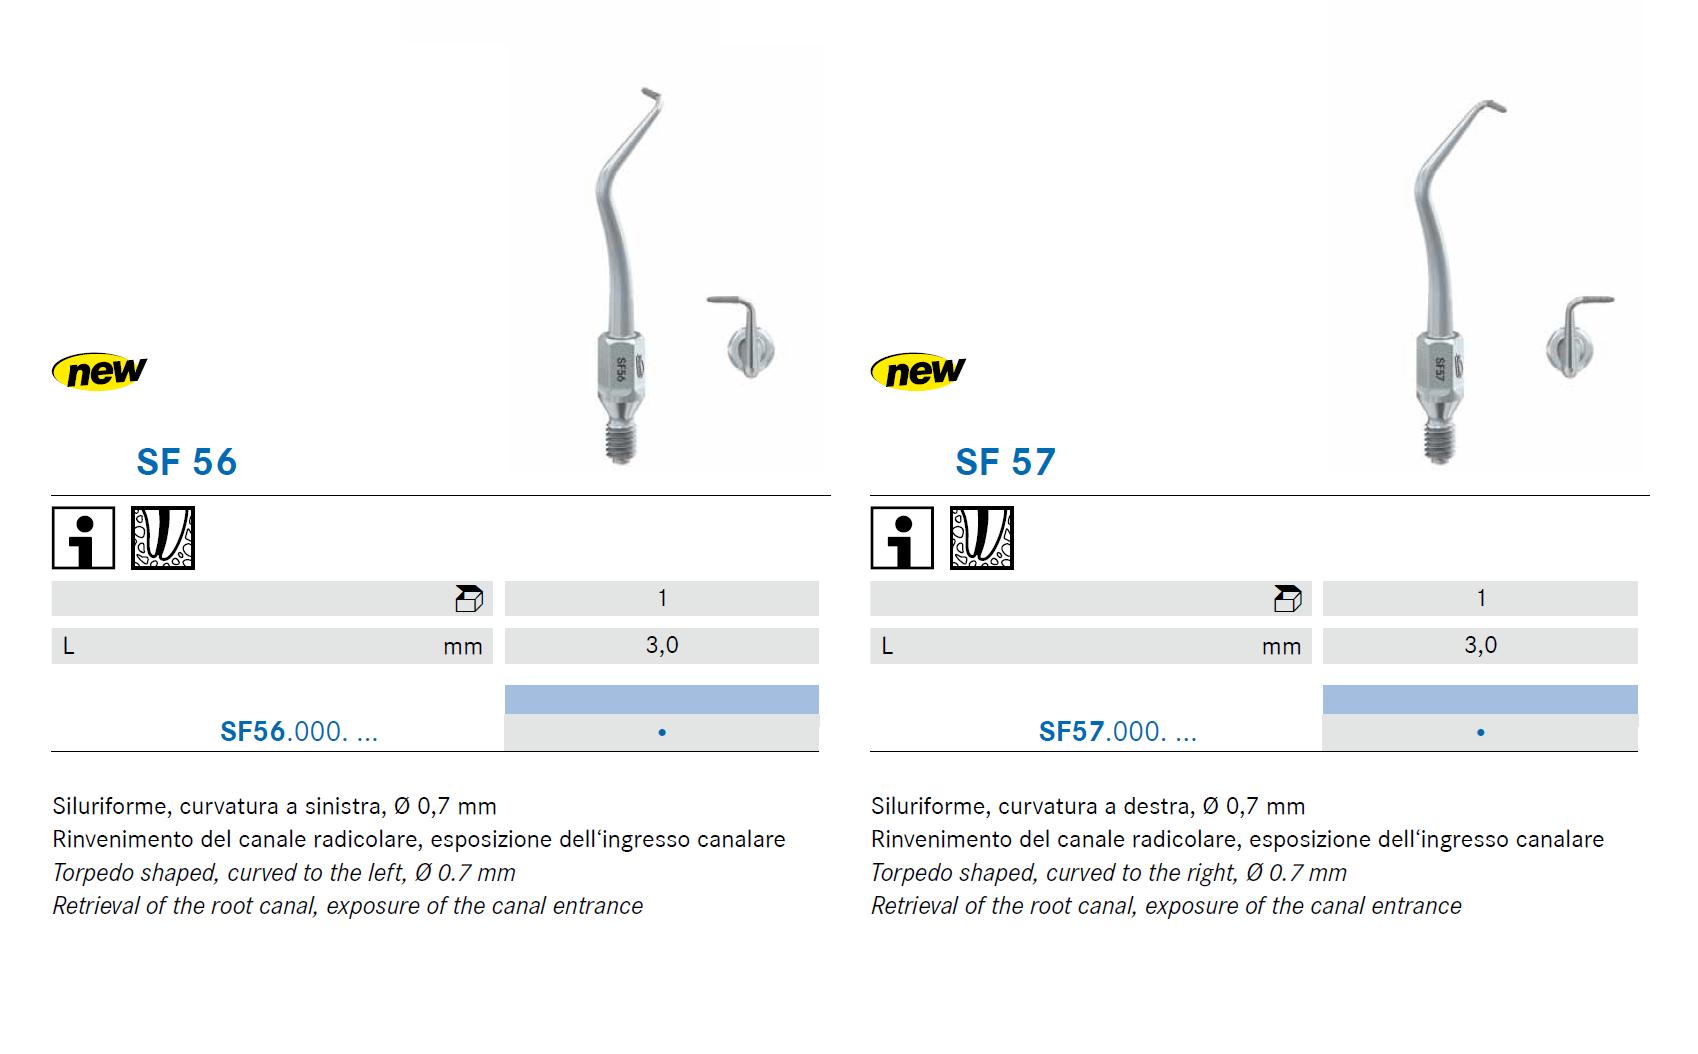 Punte soniche per endodonzia SF56 SF57